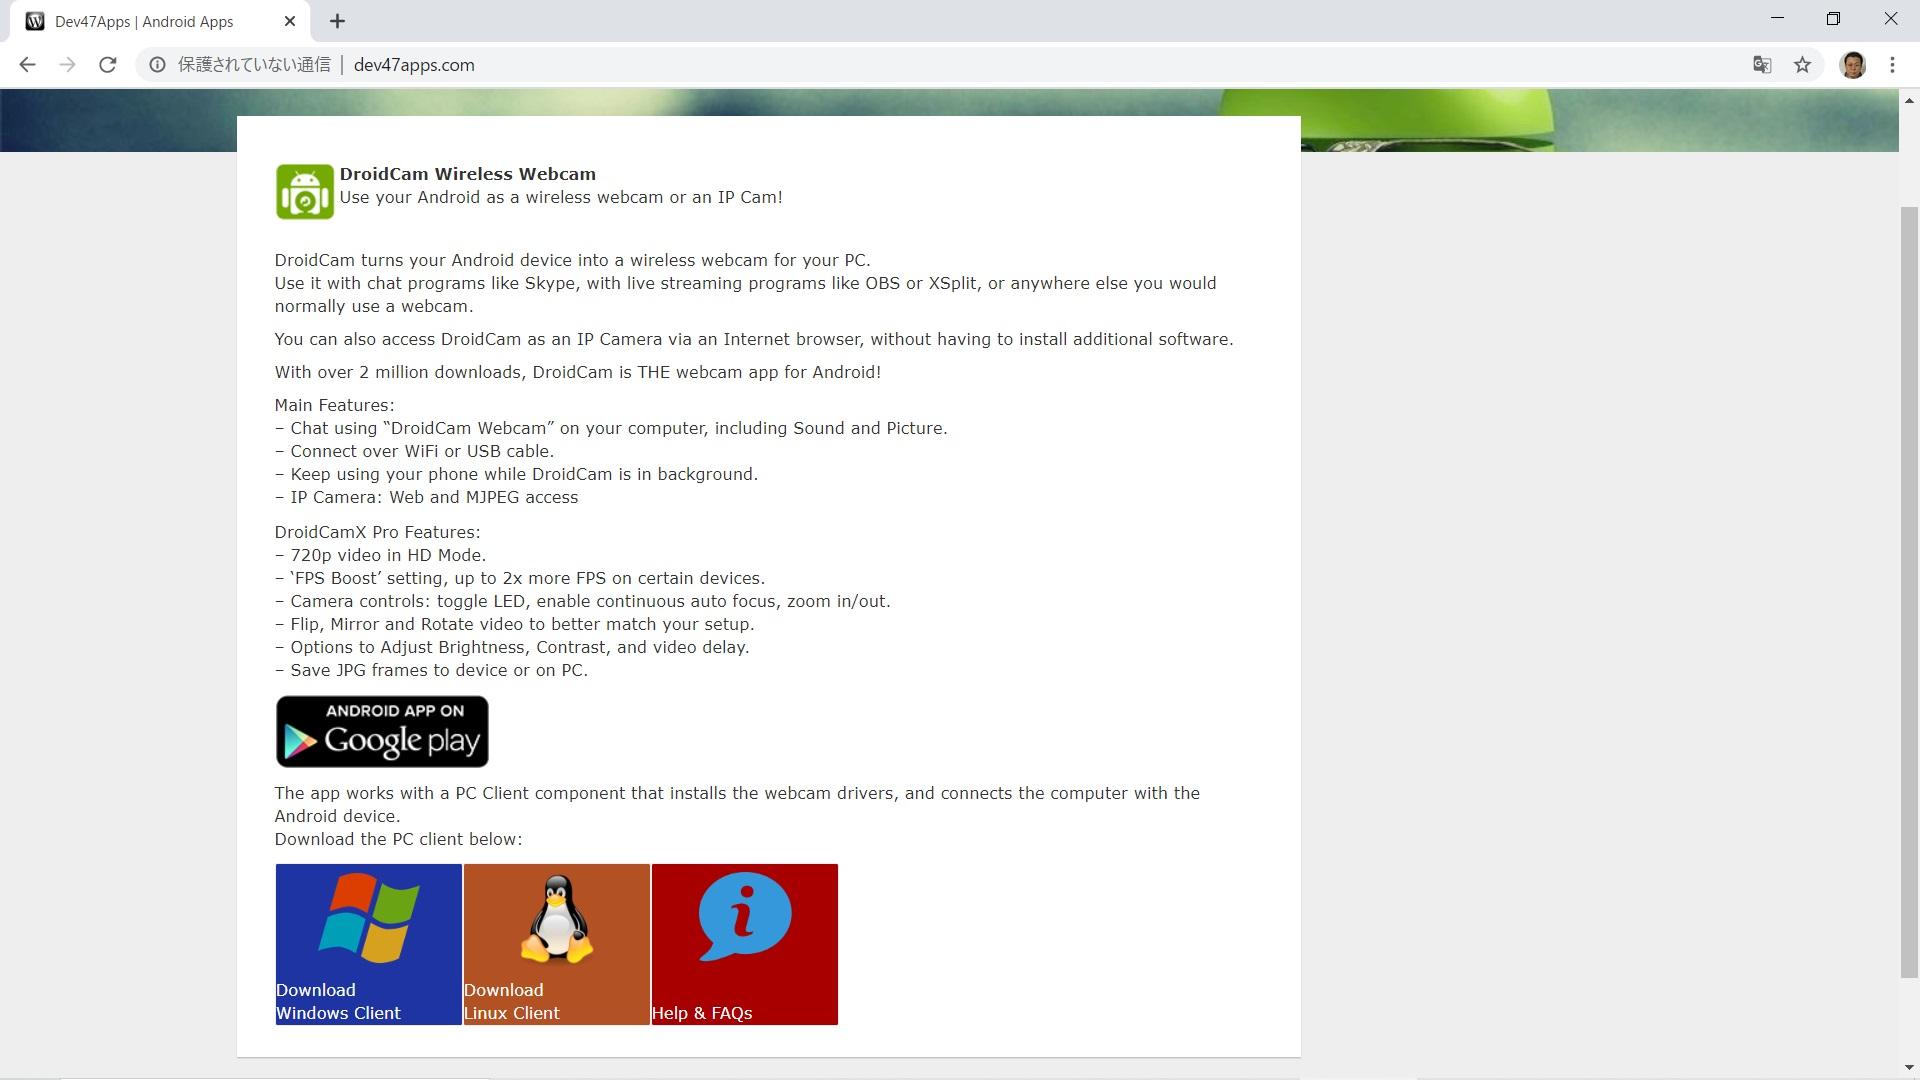 DroidCamの公式サイト。ここからAndroid用アプリとWindows PC用アプリをダウンロードする